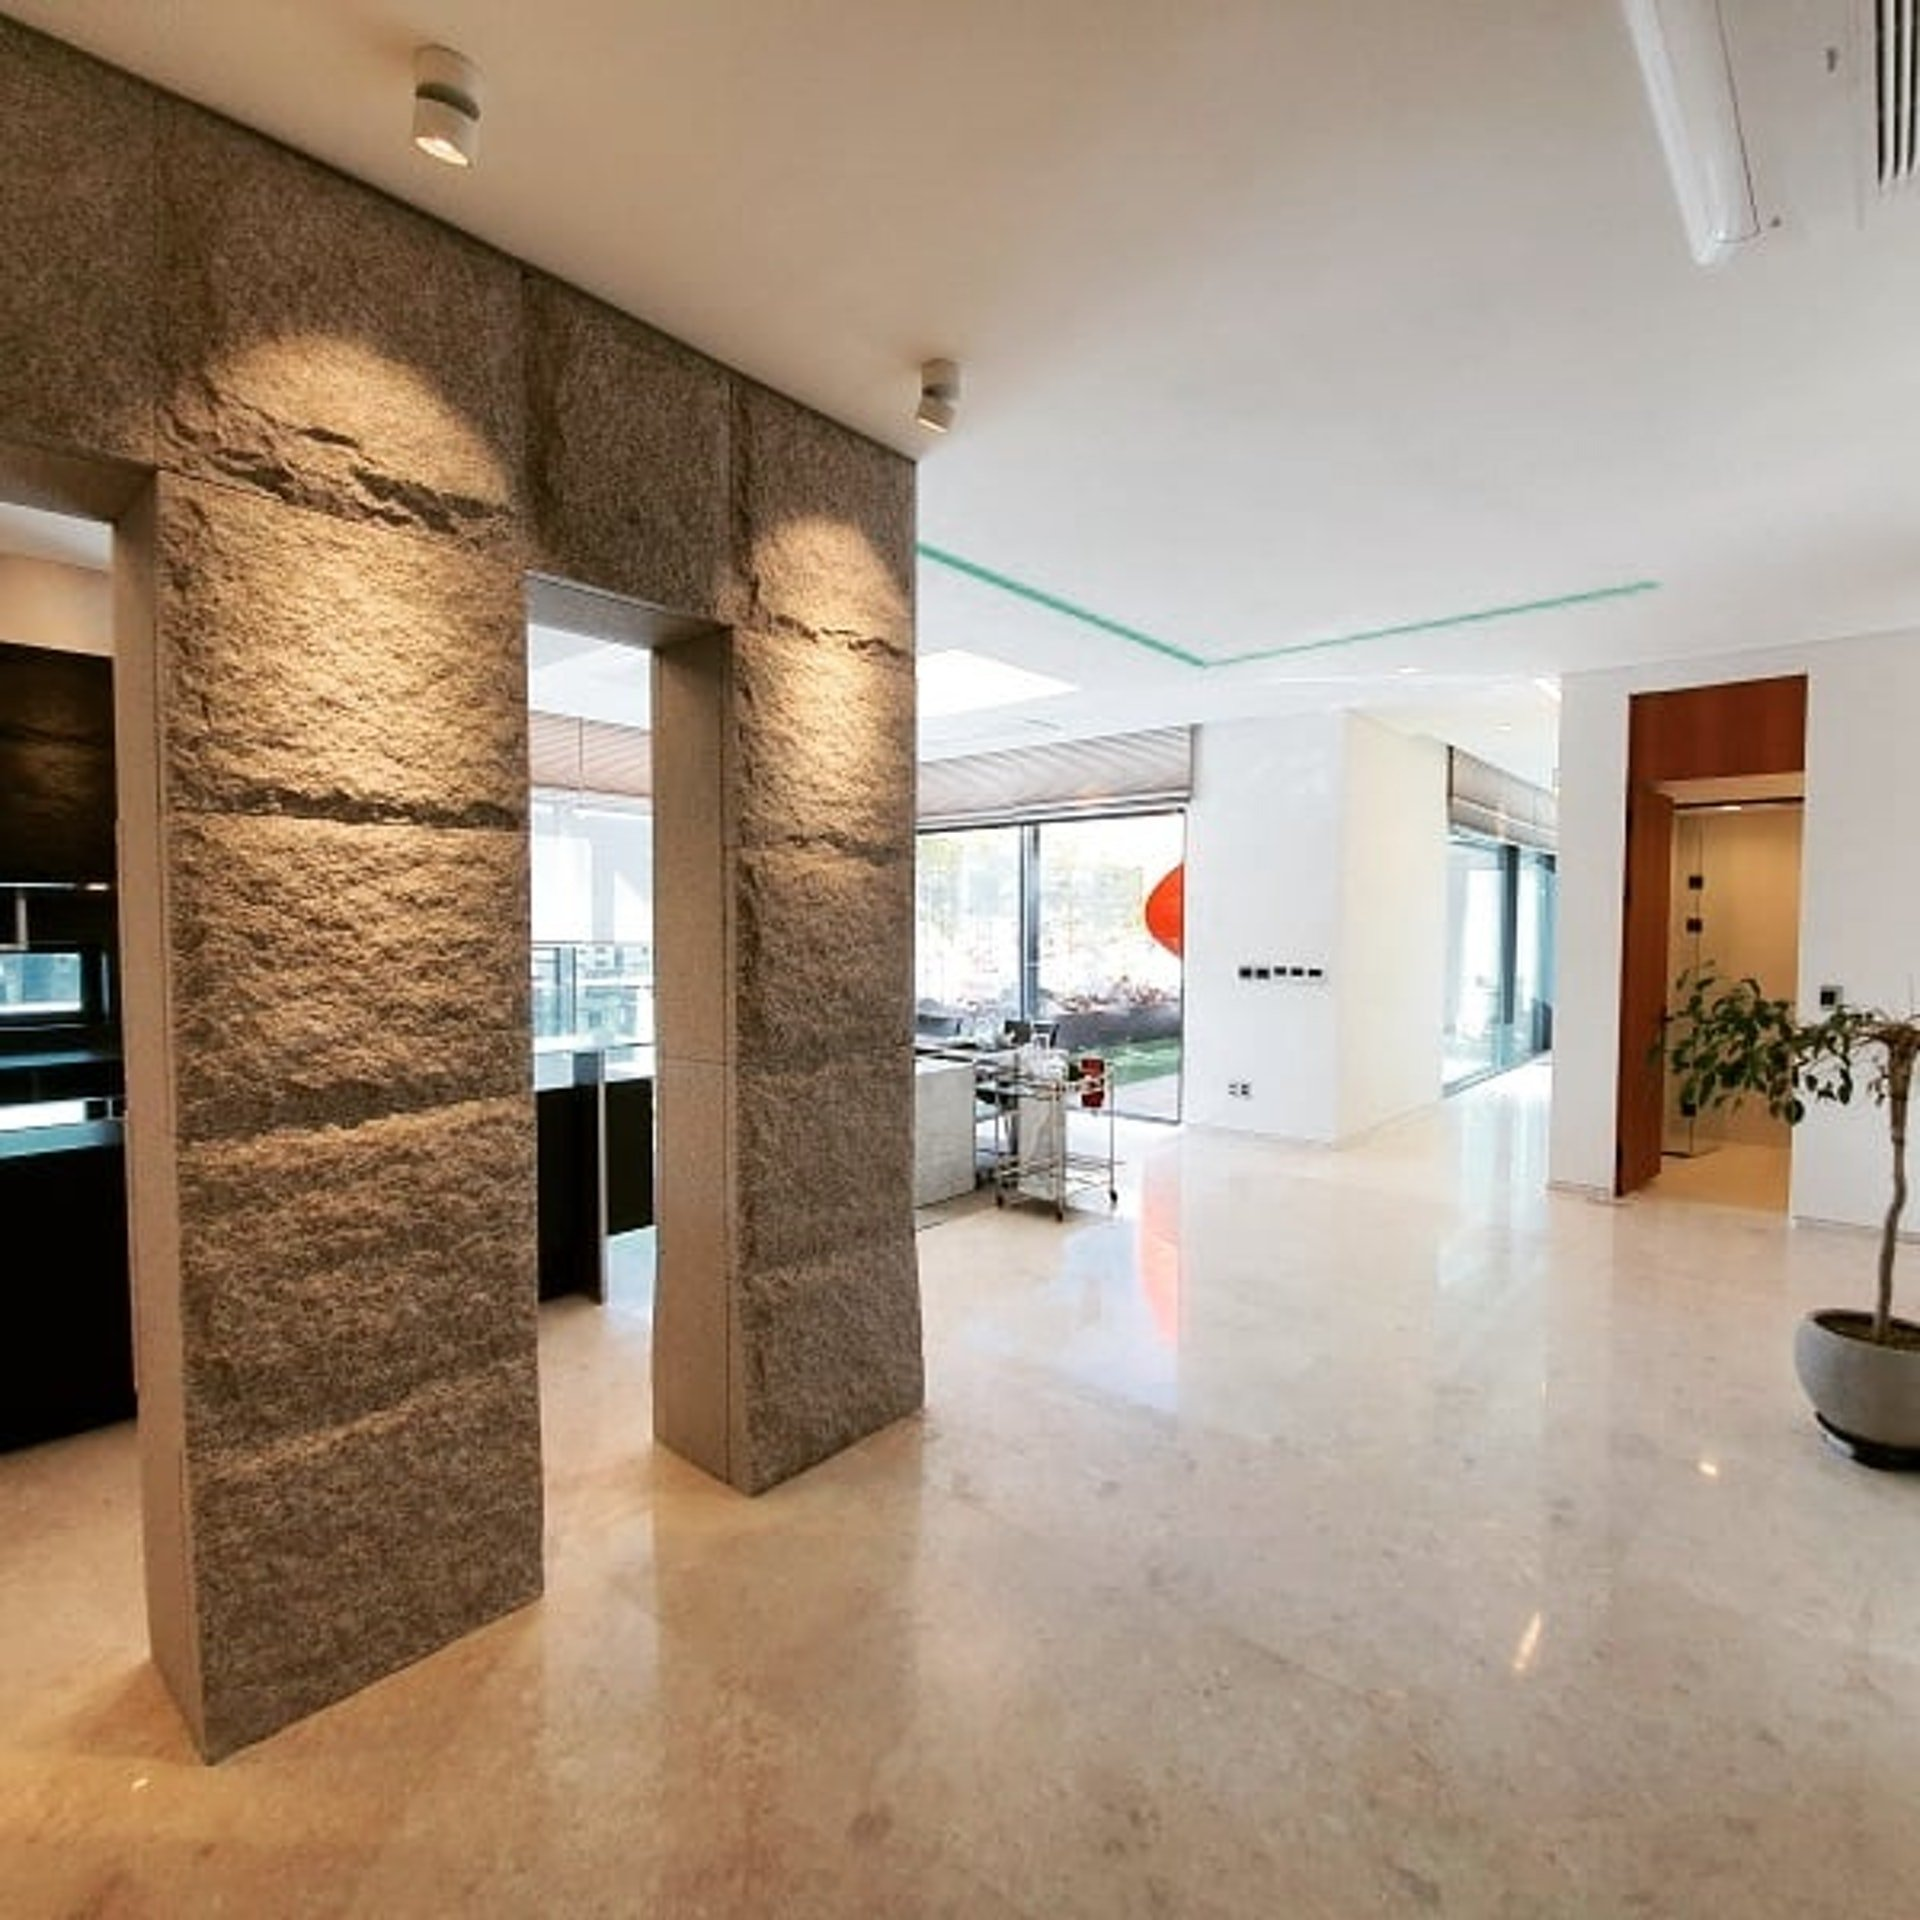 Penthouse mới giá gần 100 tỷ của Hyun Bin gây choáng ngợp vì độ sang chảnh - Ảnh 9.